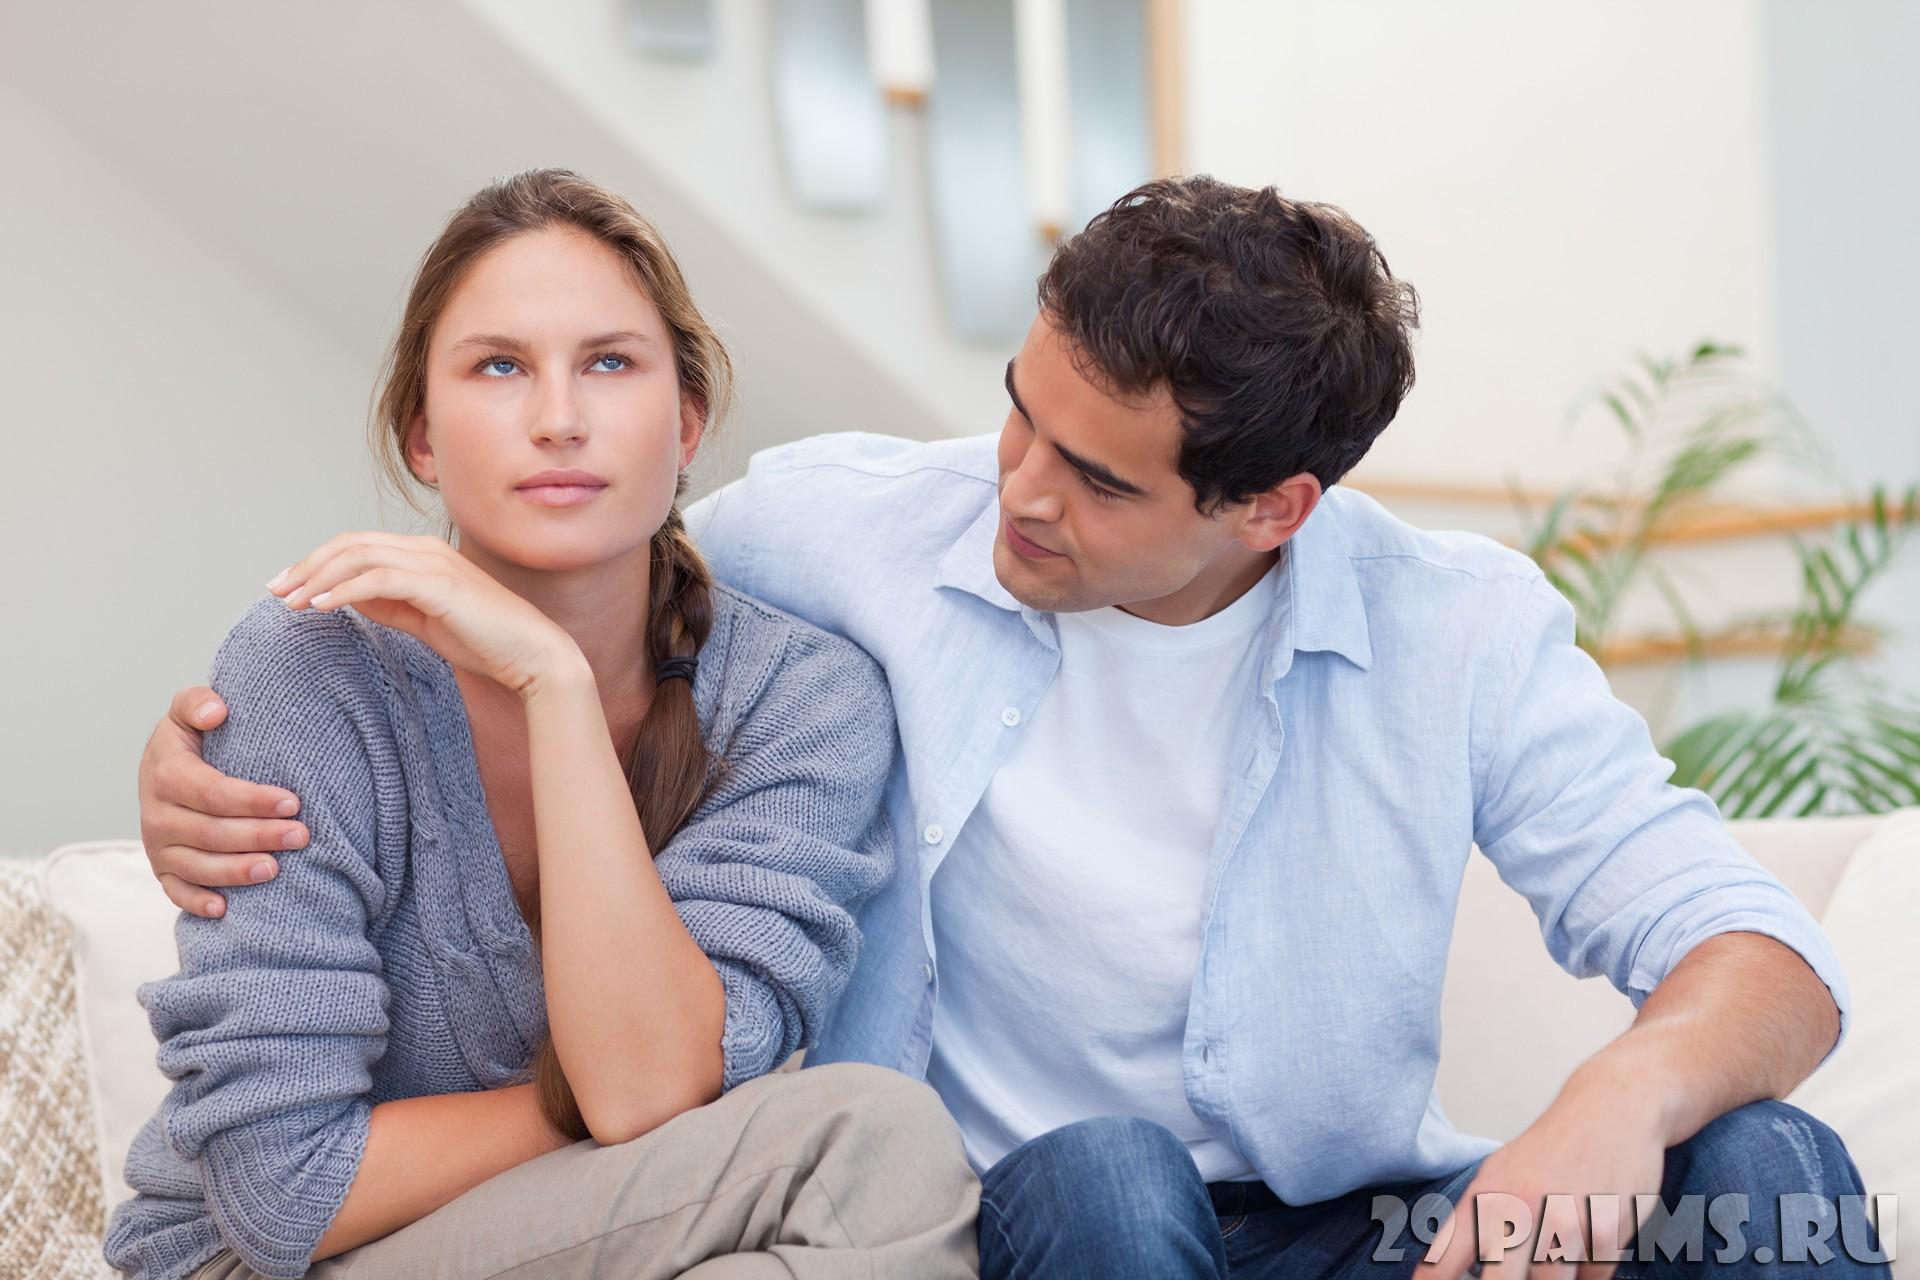 Я друг и жена онлайн, Муж, жена и друг семьи порно смотреть онлайн порно 2 фотография